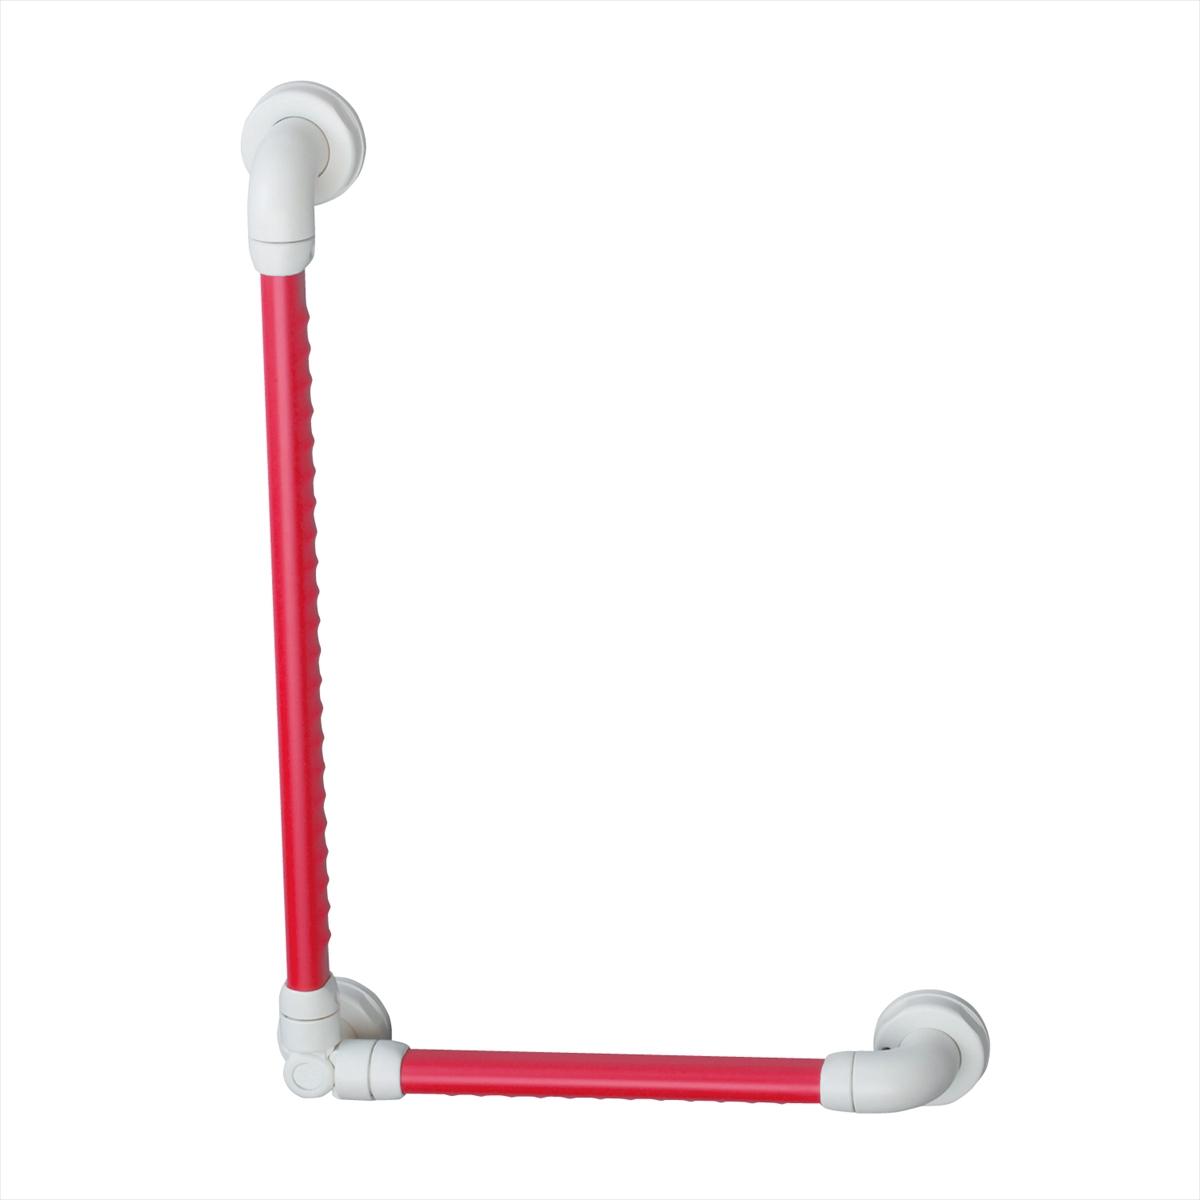 滑りやすい浴室での移動や立ち座りを安全にしたい方に 35%OFF アロン化成 安寿 セーフティーバー 卓出 L L-600×600 535-865 535-867 535-860 型手すりセット